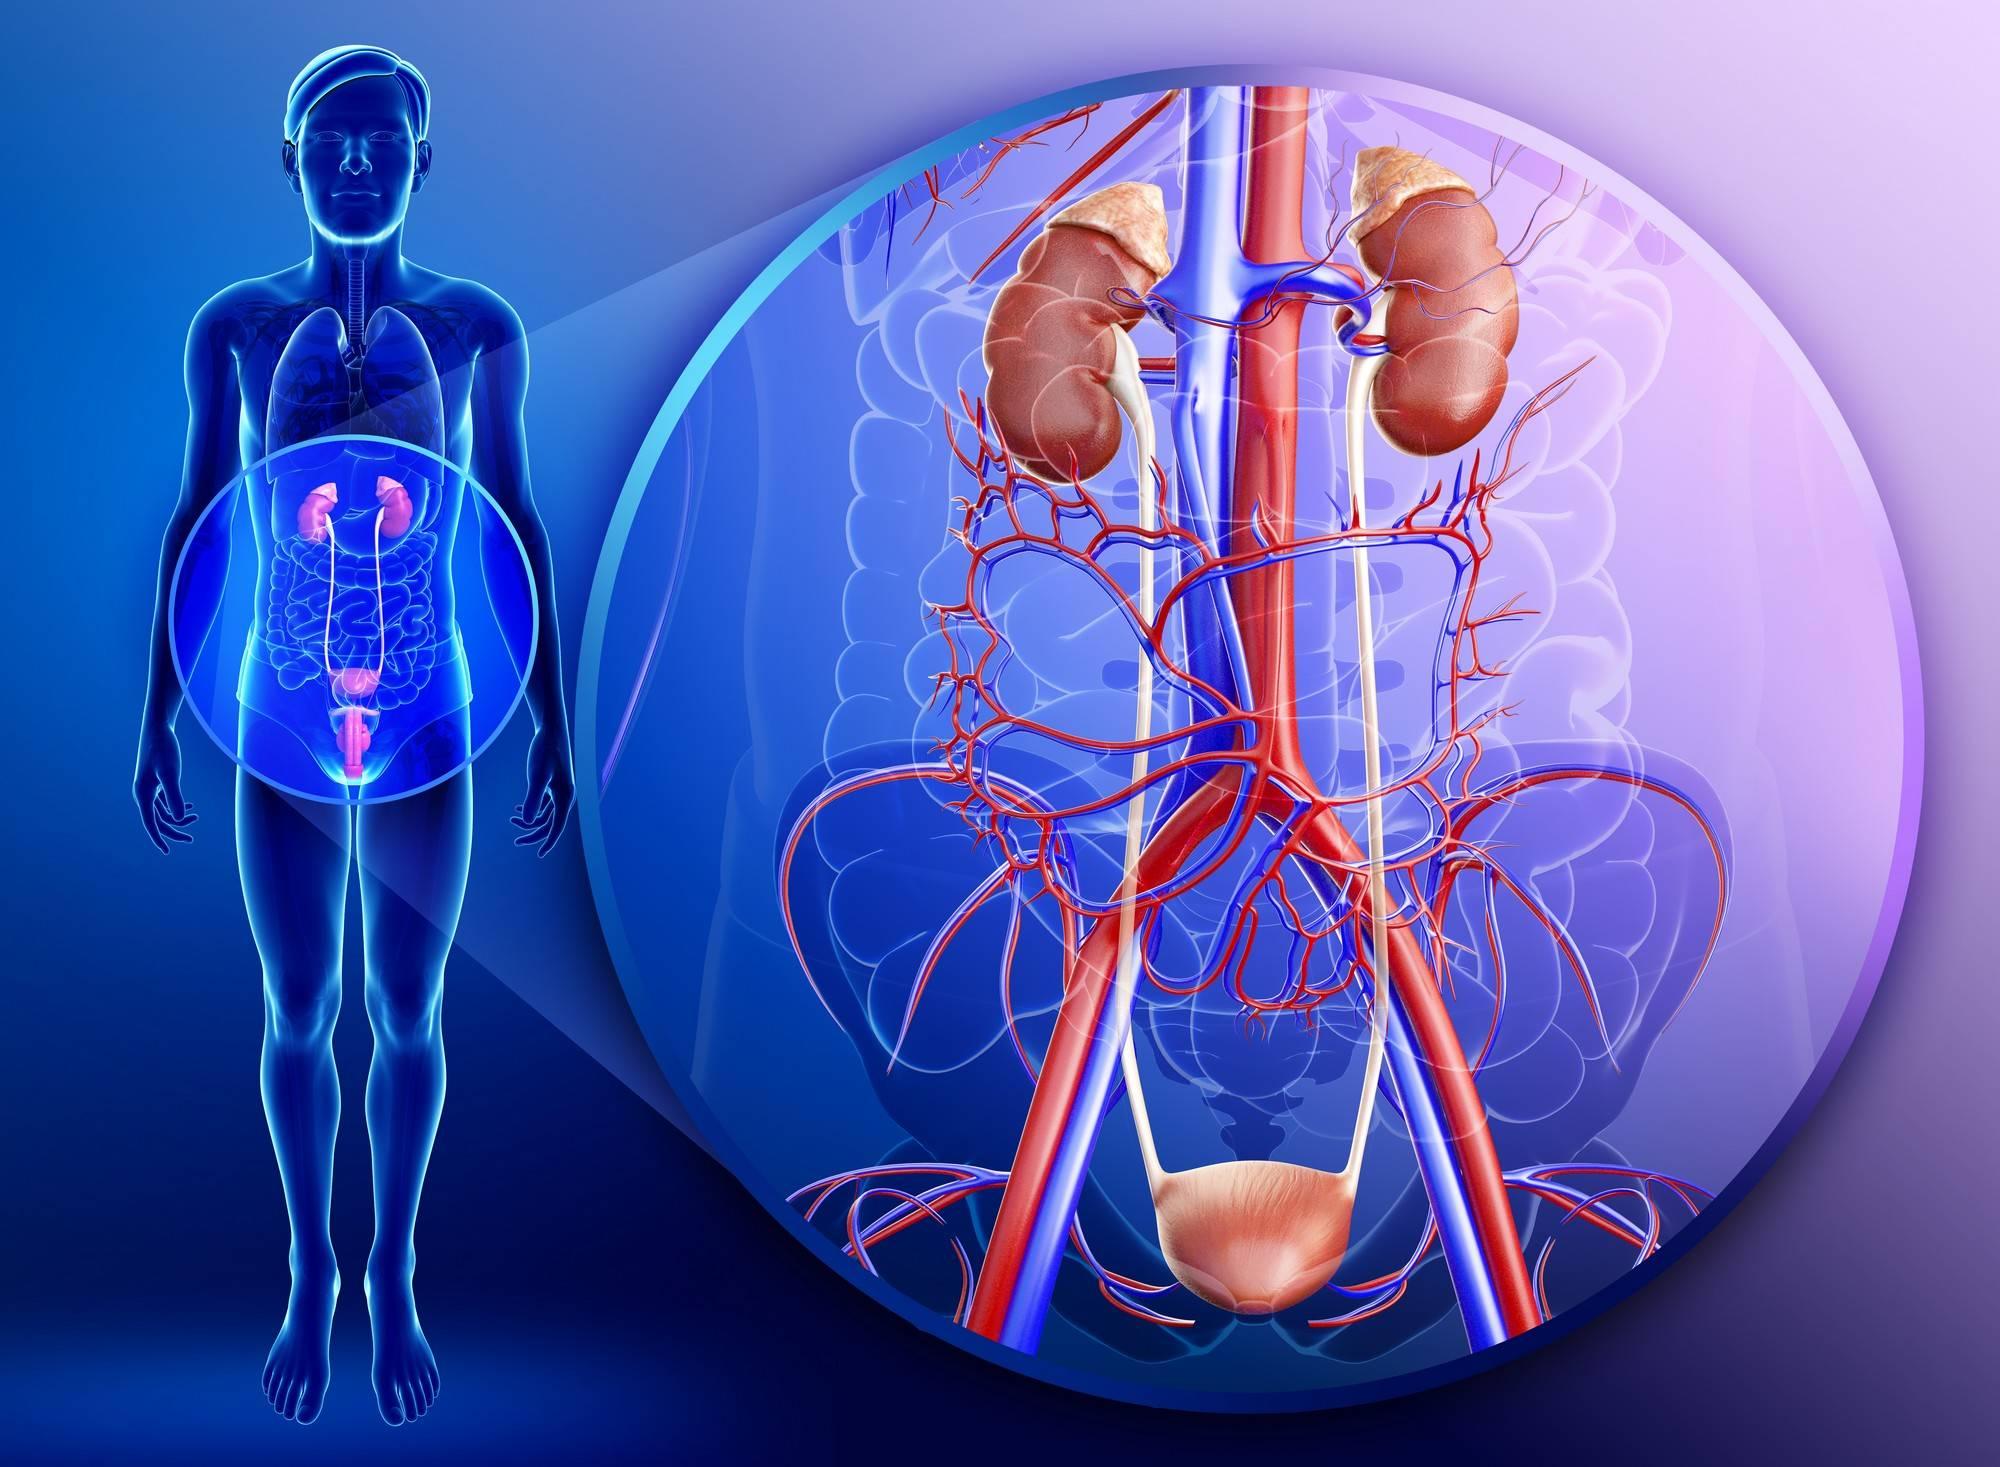 Лечение уреаплазмы у мужчин схема лечения